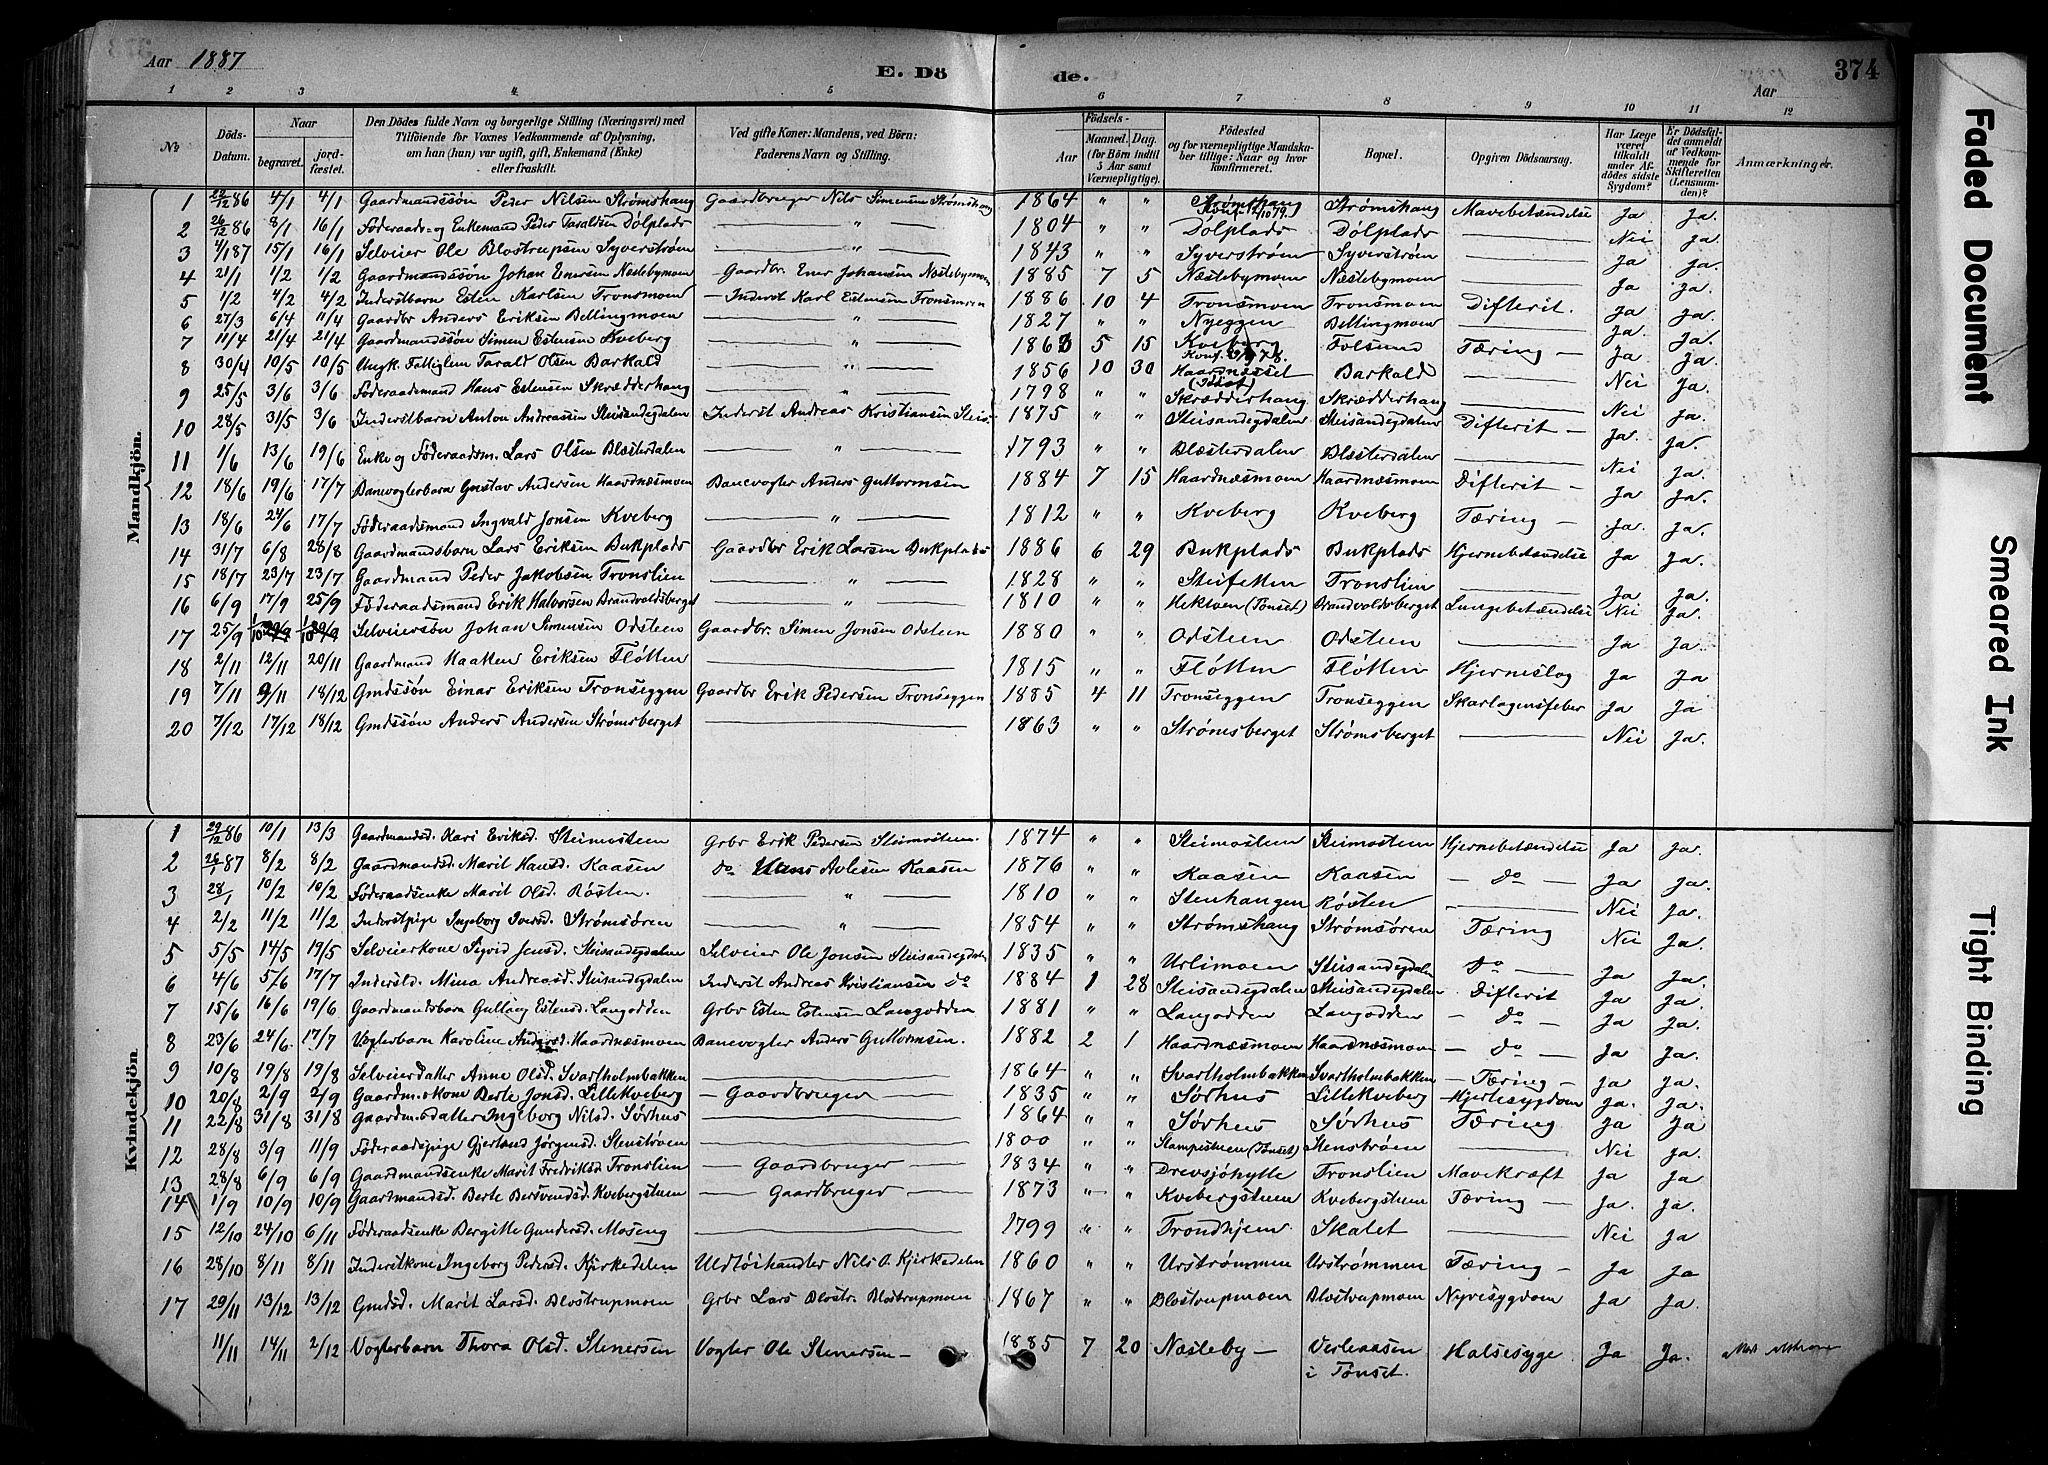 SAH, Alvdal prestekontor, Ministerialbok nr. 2, 1883-1906, s. 374